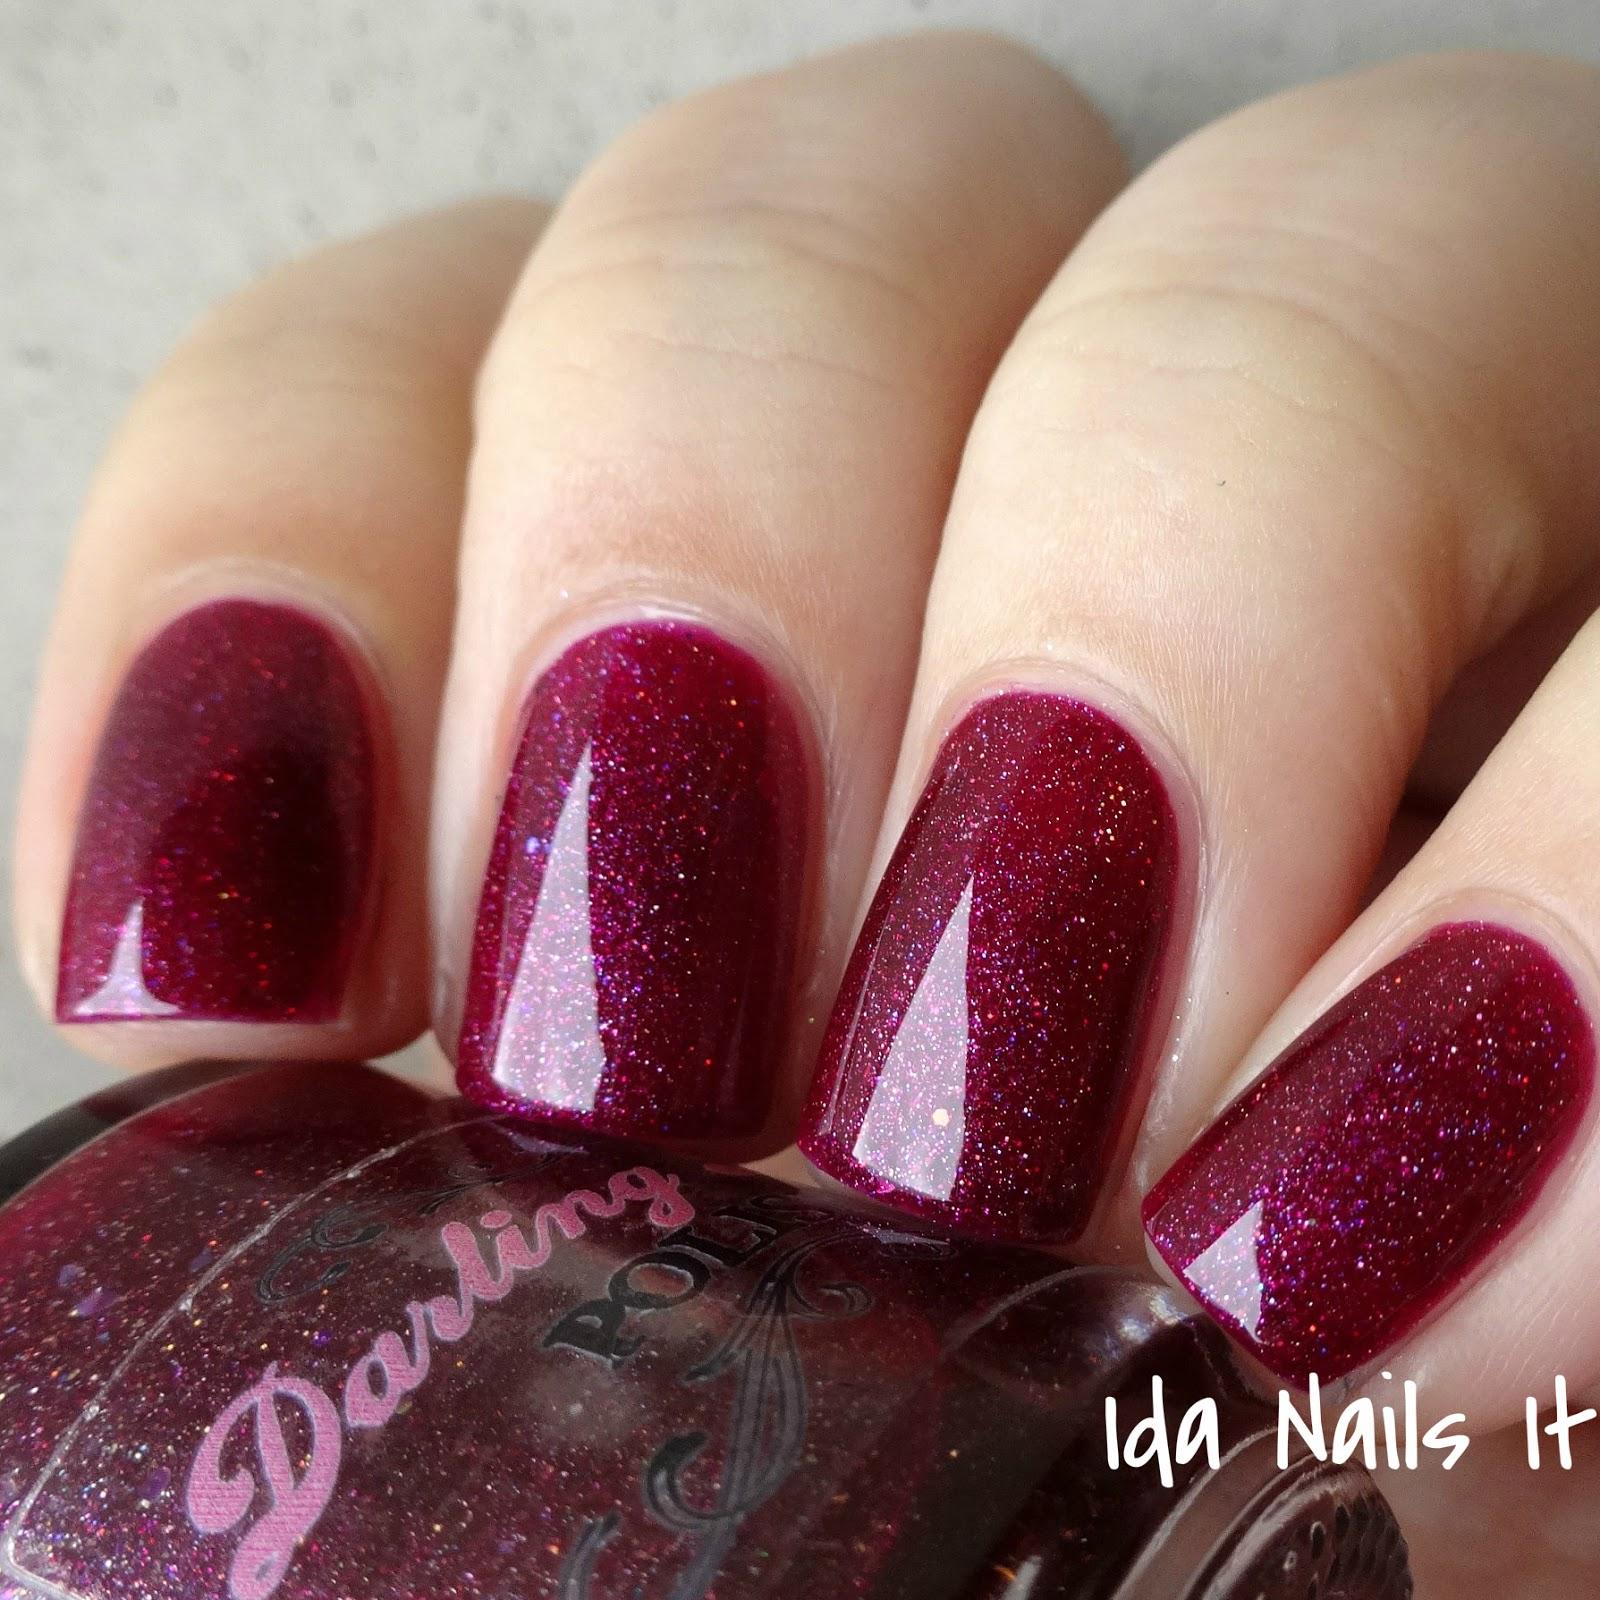 Wine Colored Nail Polish: Ida Nails It: Darling Diva Polish Ho Ho Holiday 2015